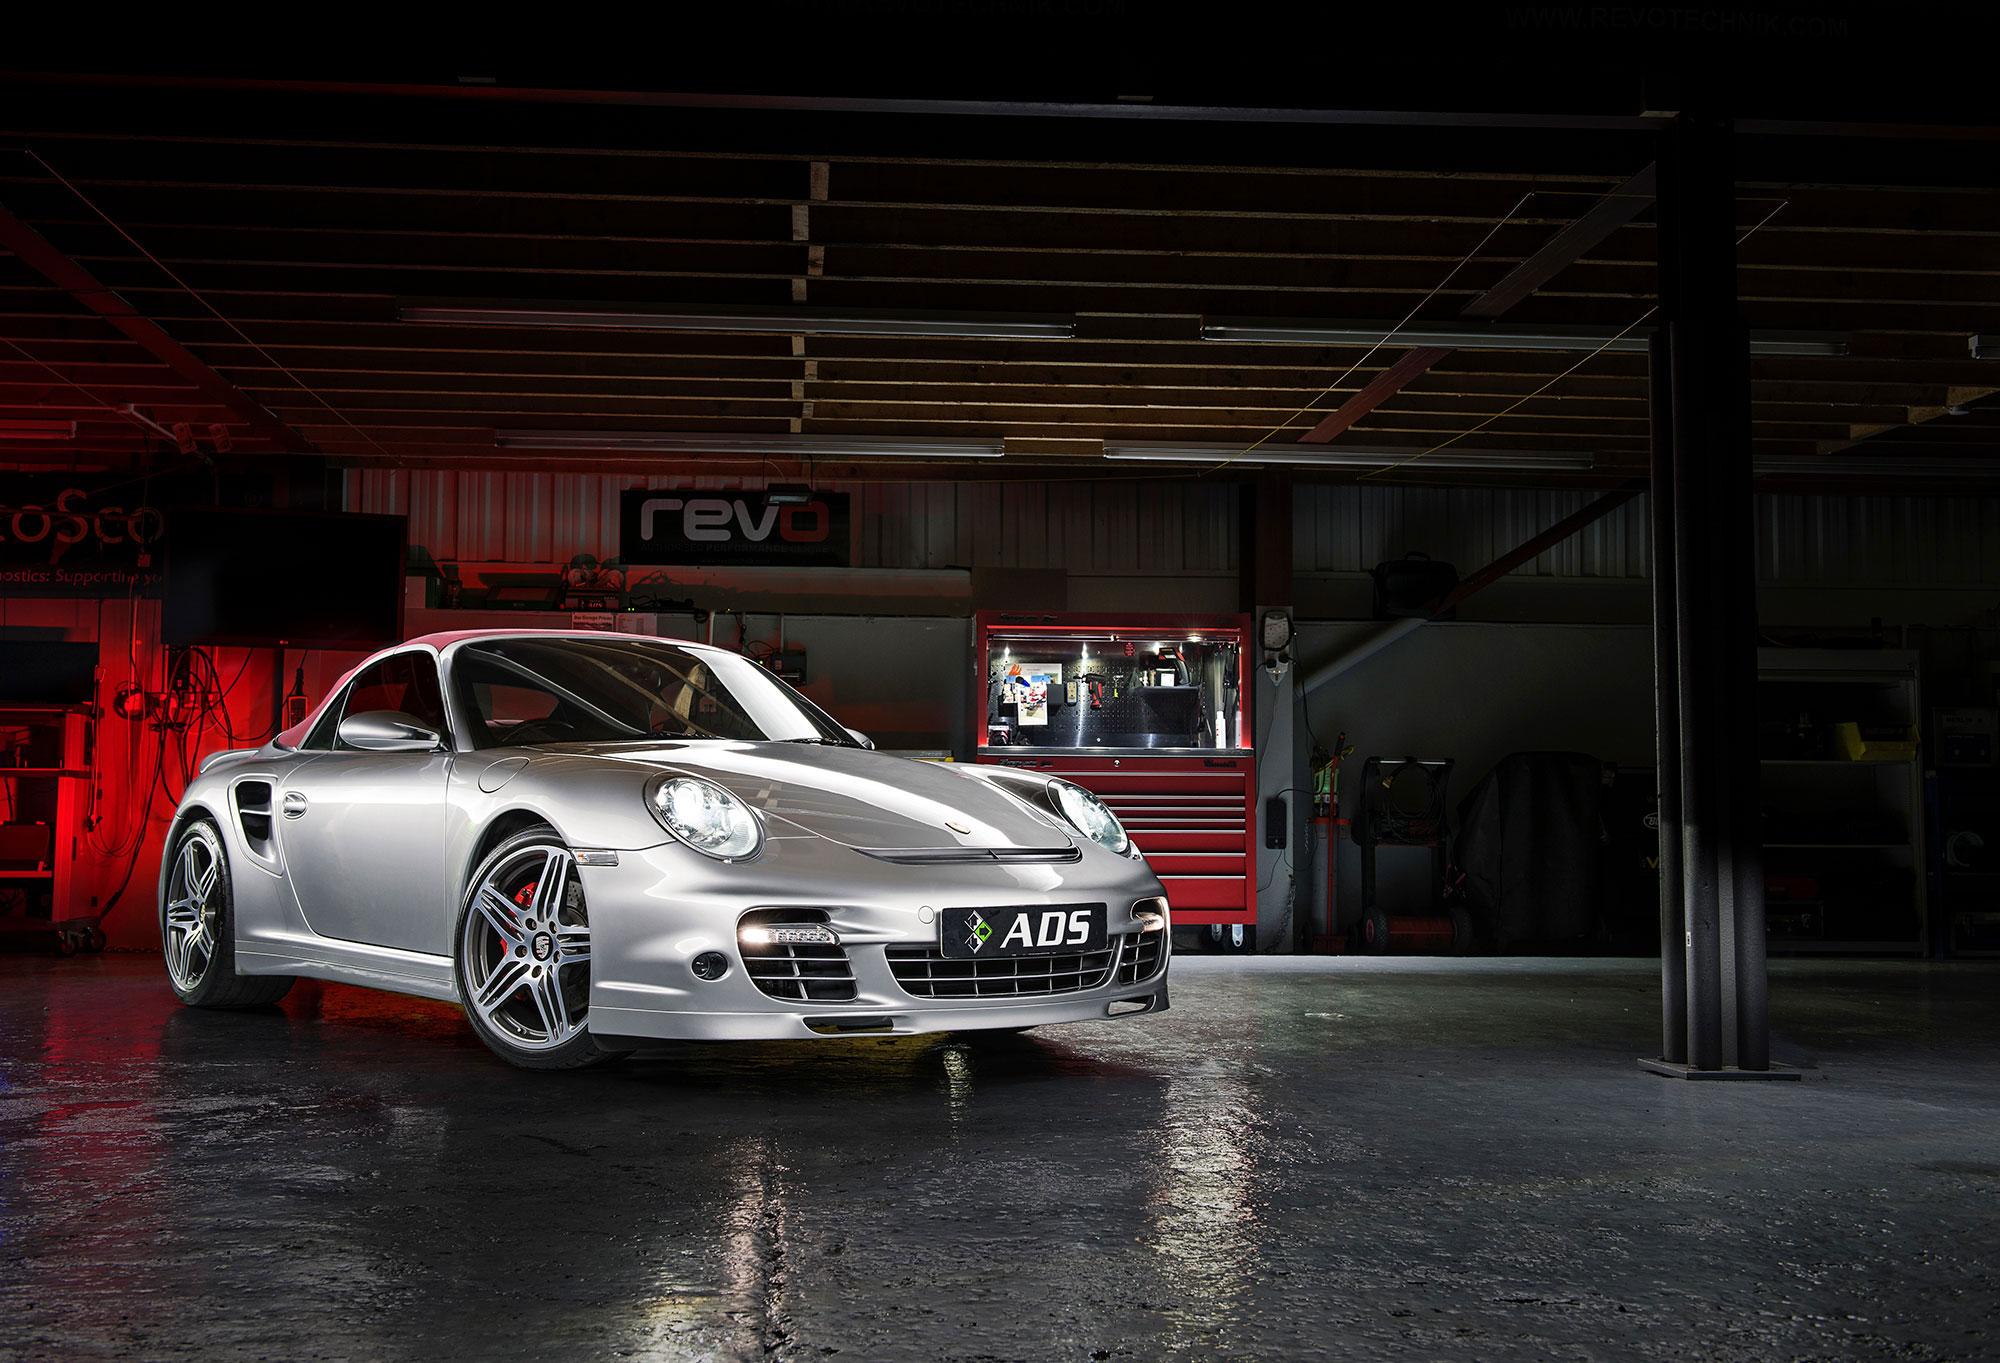 Porsche 997 Gen 1 Turbo 668 bhp stage 3